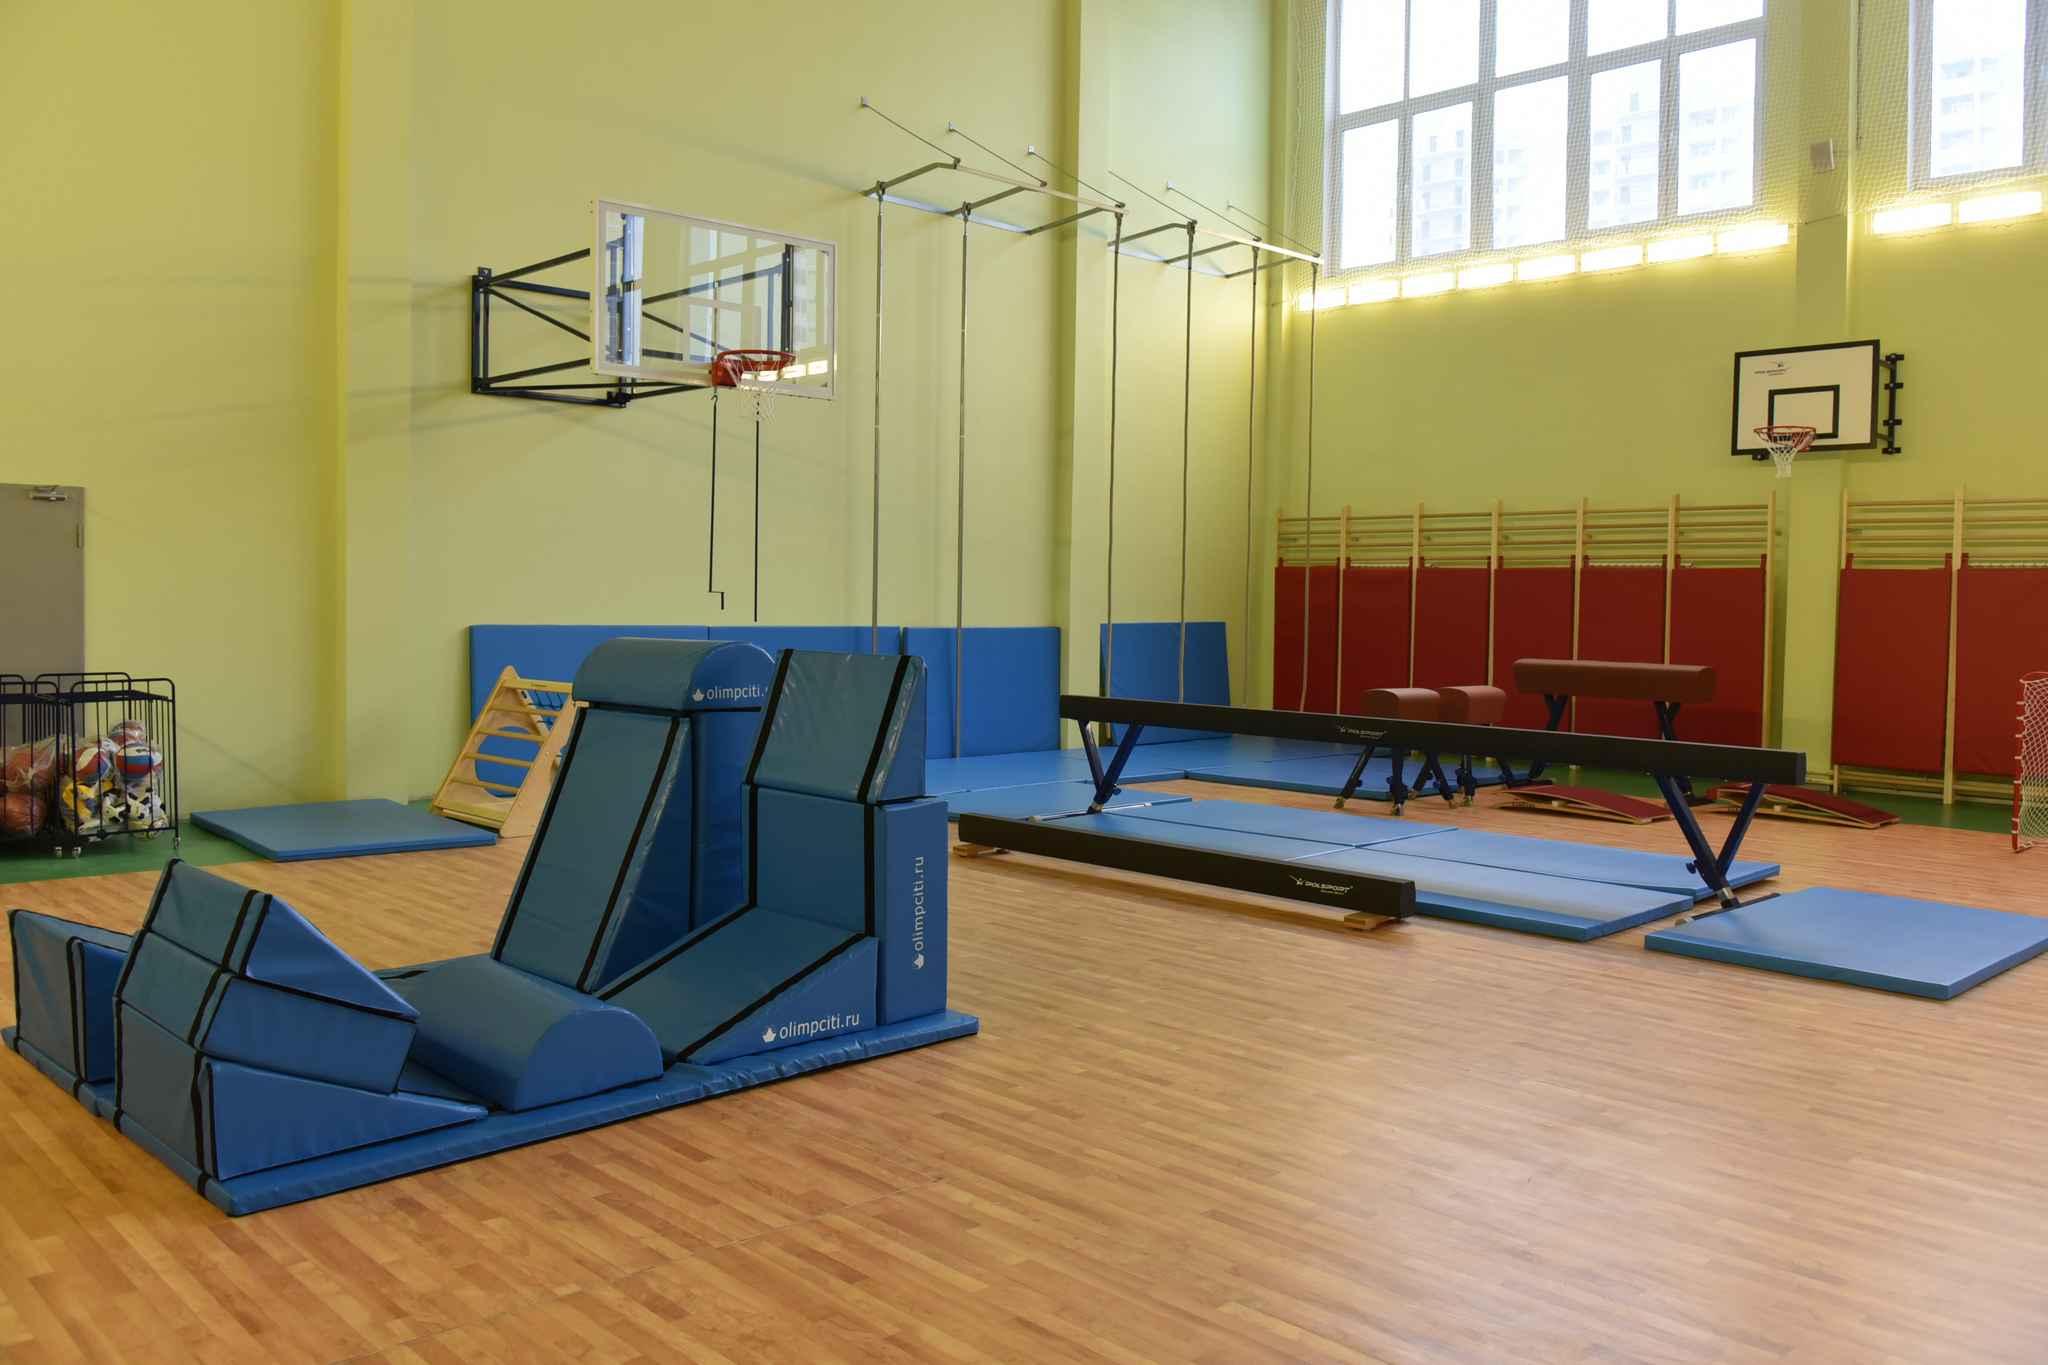 Около 700 спортивных объектов возведут к 2035 году в Новой Москве. Владимир Новиков, «Вечерняя Москва»